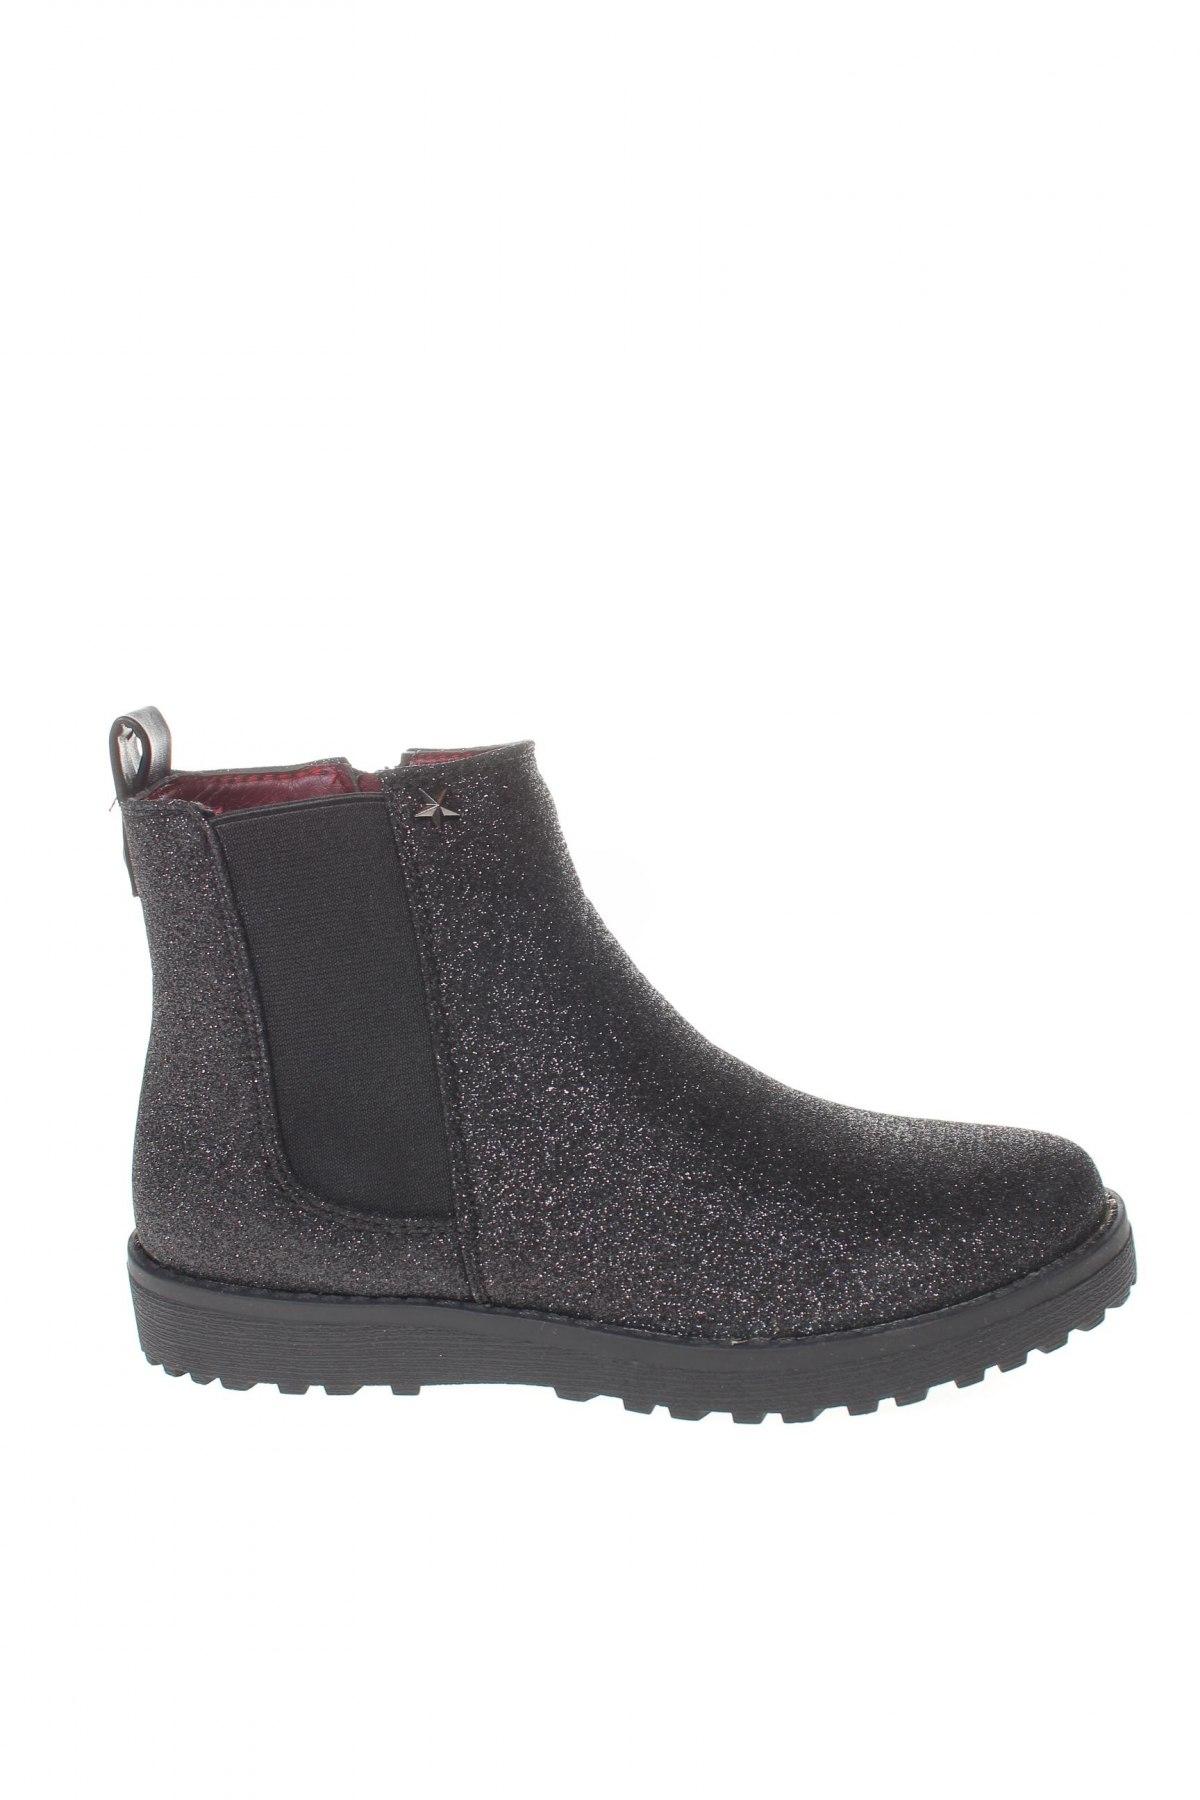 Παιδικά παπούτσια Gioseppo, Μέγεθος 31, Χρώμα Μαύρο, Δερματίνη, Τιμή 12,85€